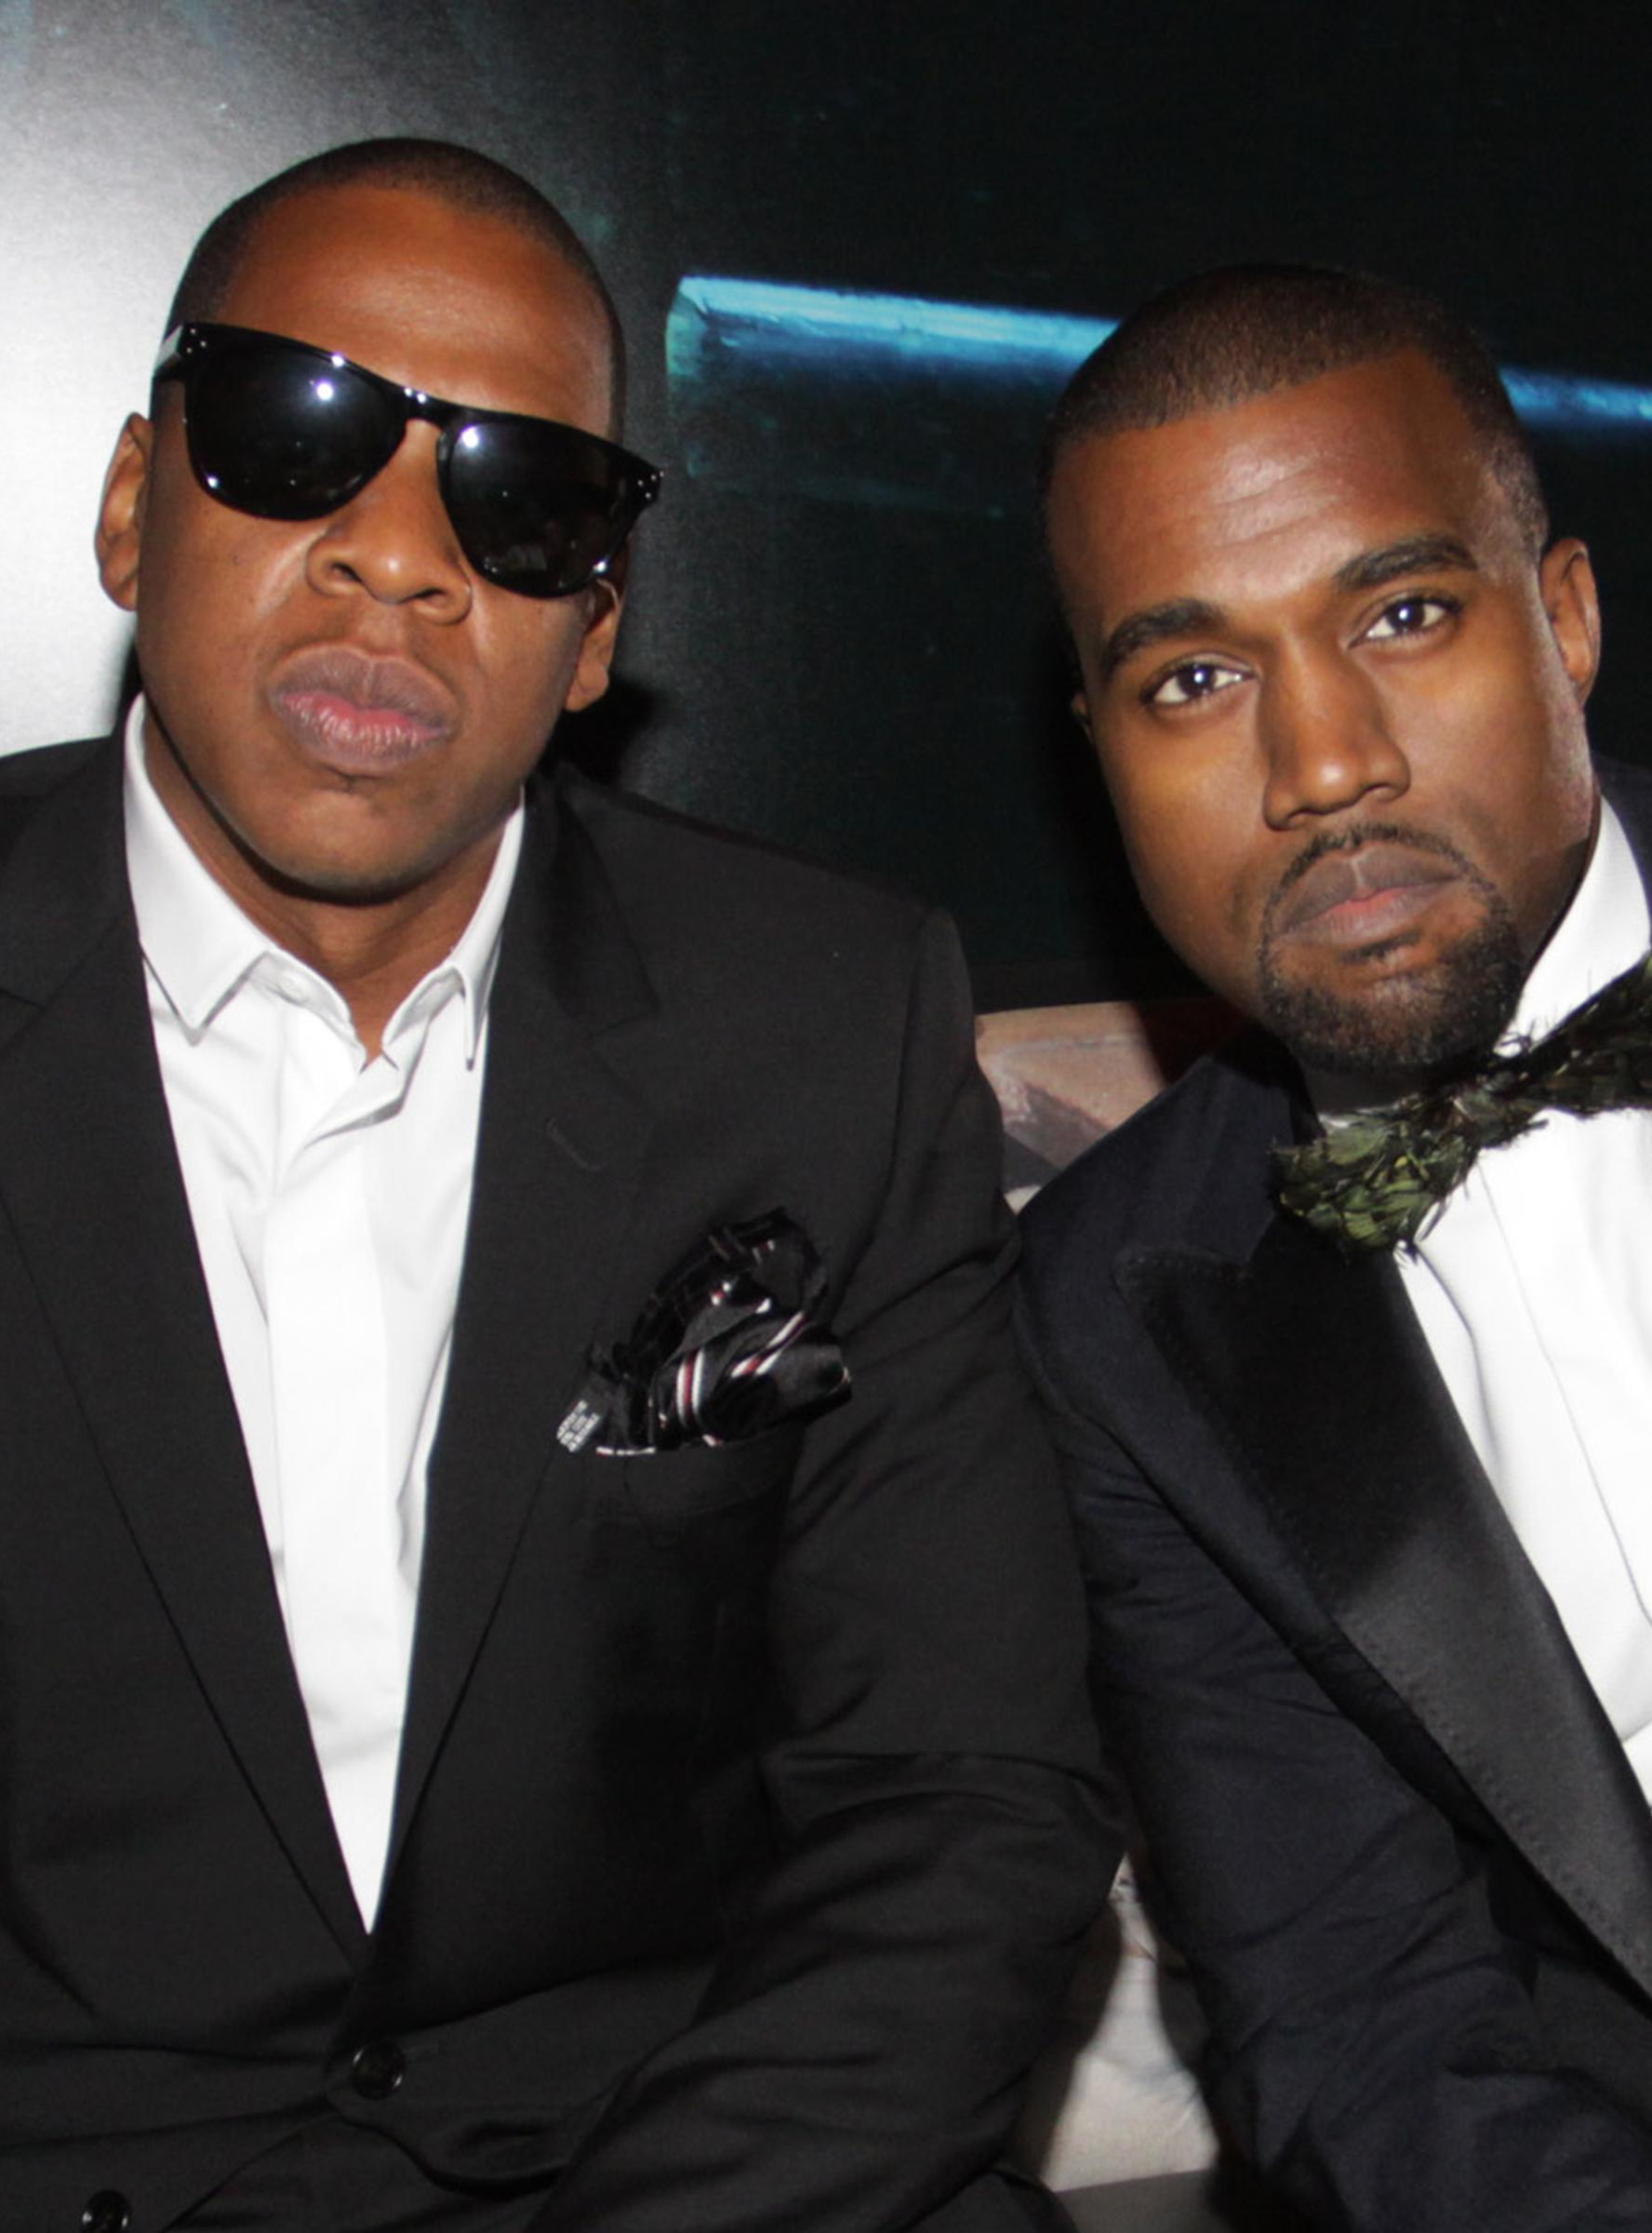 New Jay Z Kanye West Documentary Looks Very Juicy Jay Z Kanye West Kanye West Jay Z